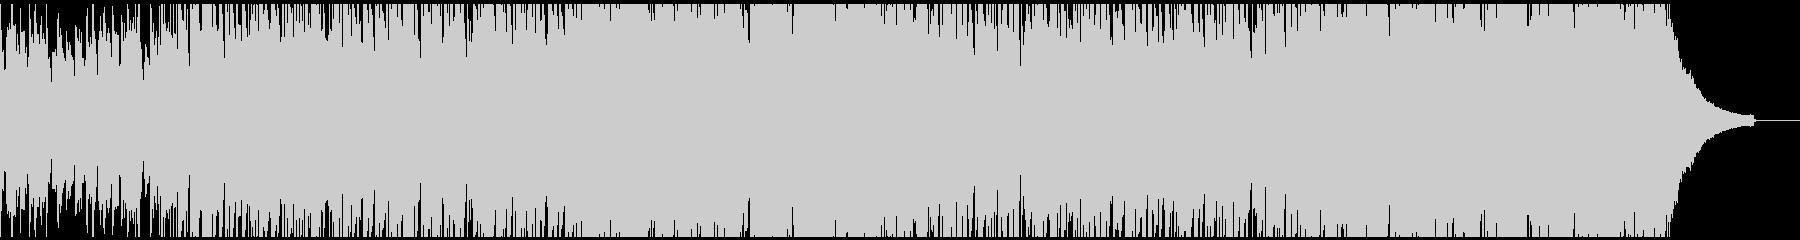 お洒落で軽快なロックBGM(Long)の未再生の波形